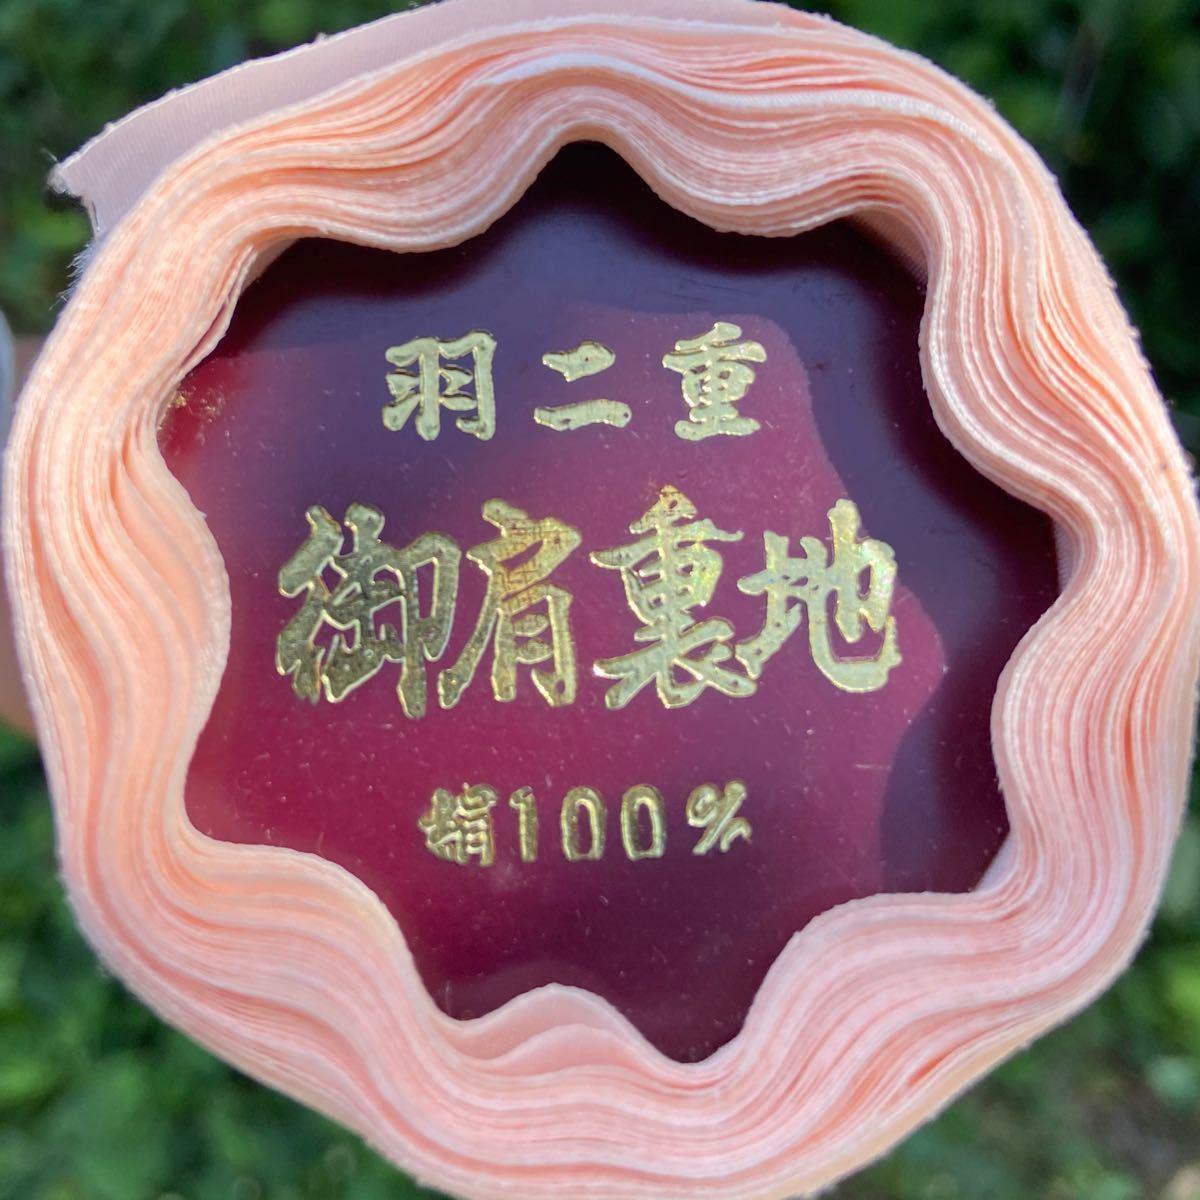 シルク生地 正絹 ピンク菱 1m